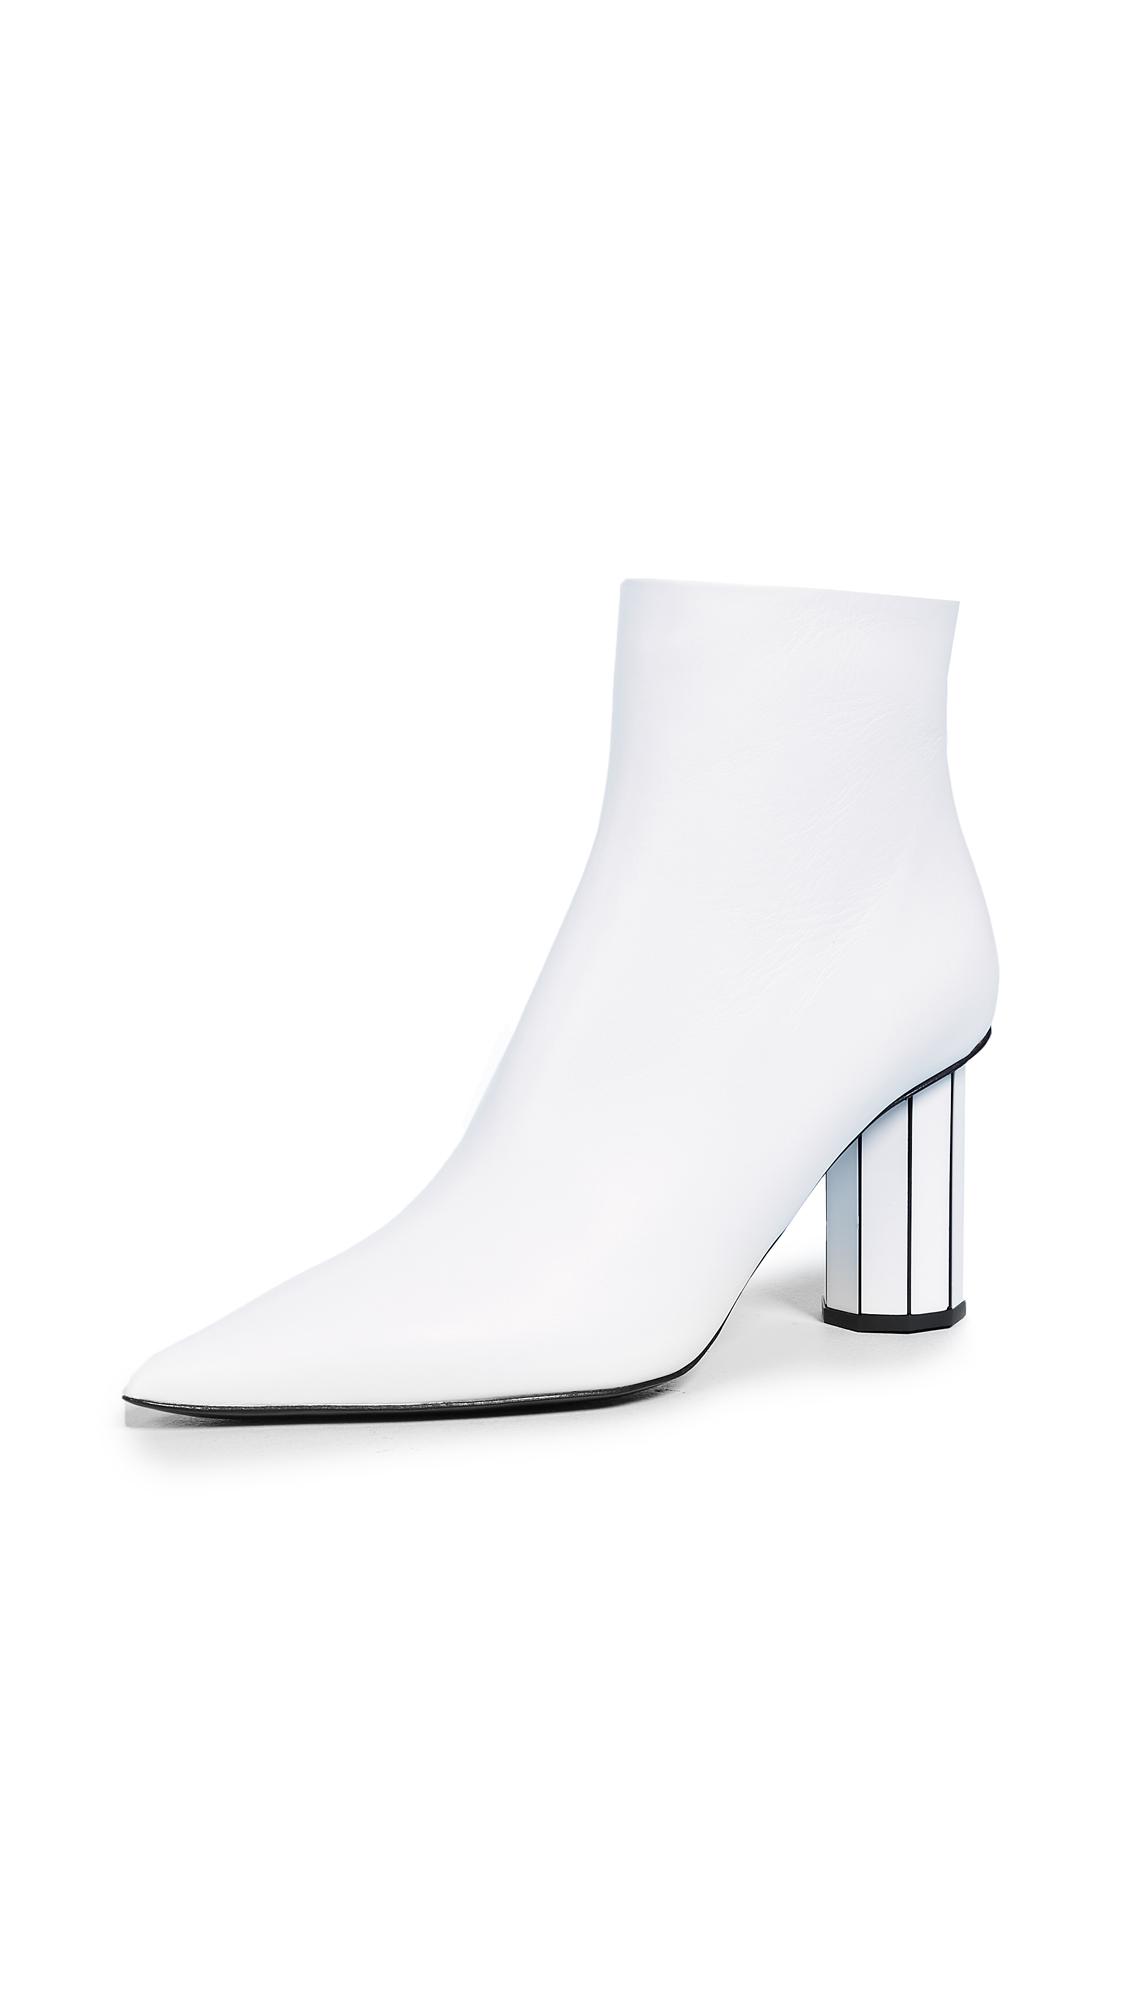 Proenza Schouler Booties with Mirror Heels